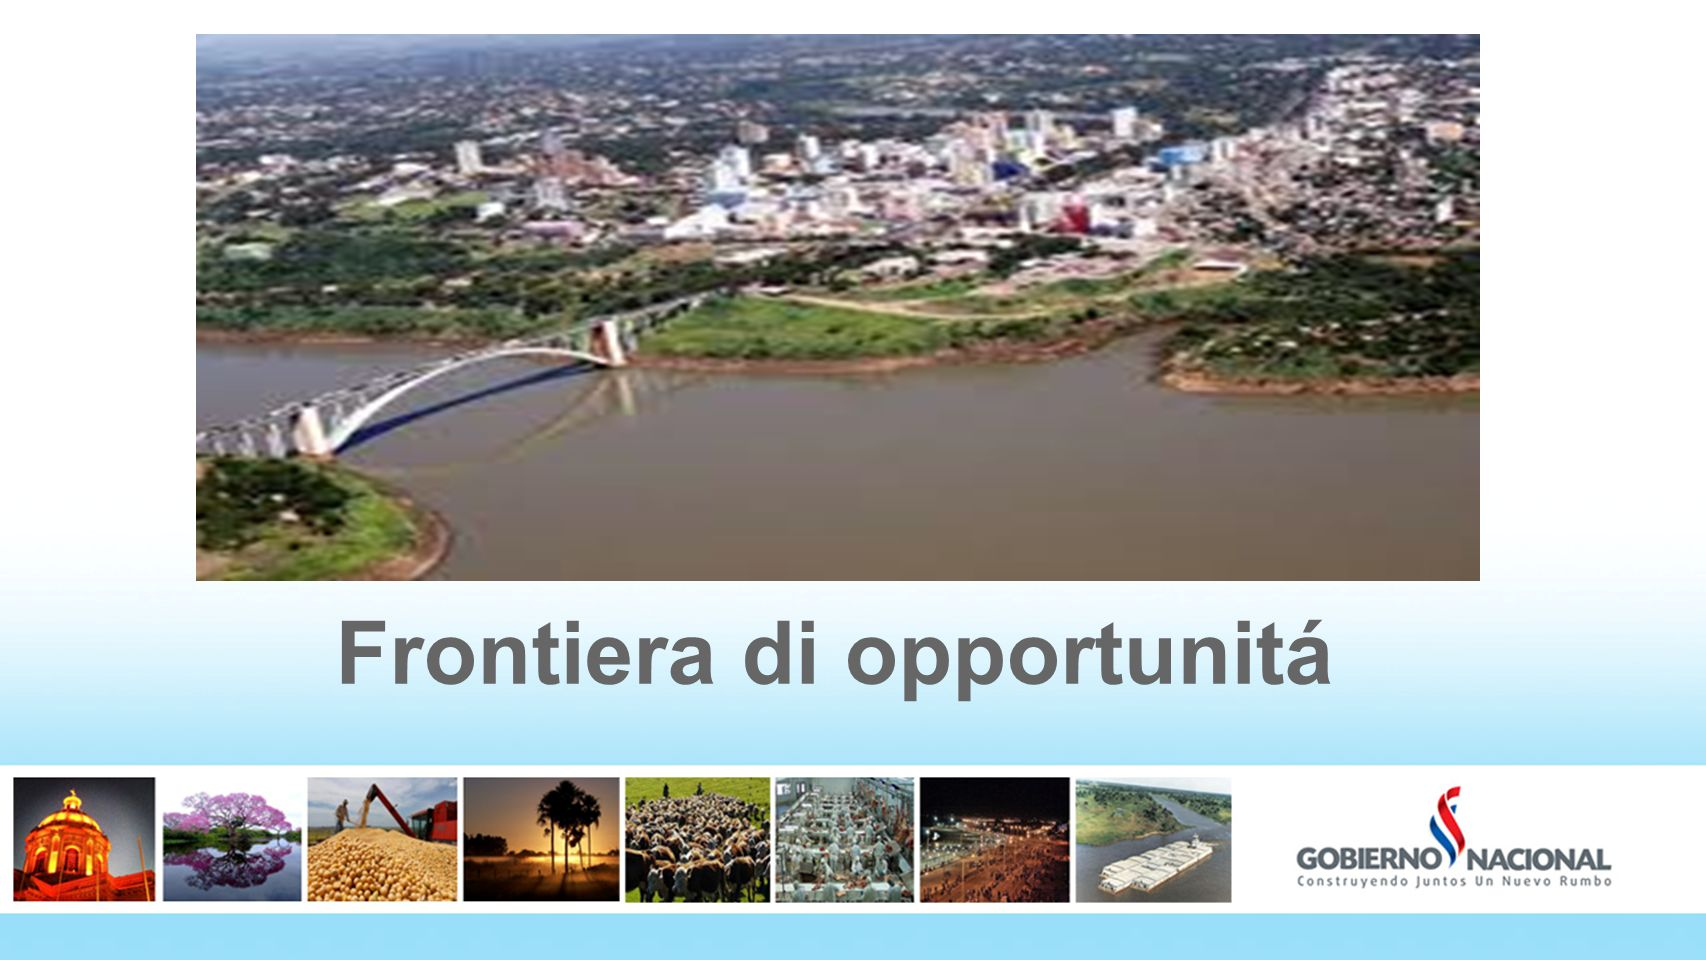 Frontiera di opportunitá